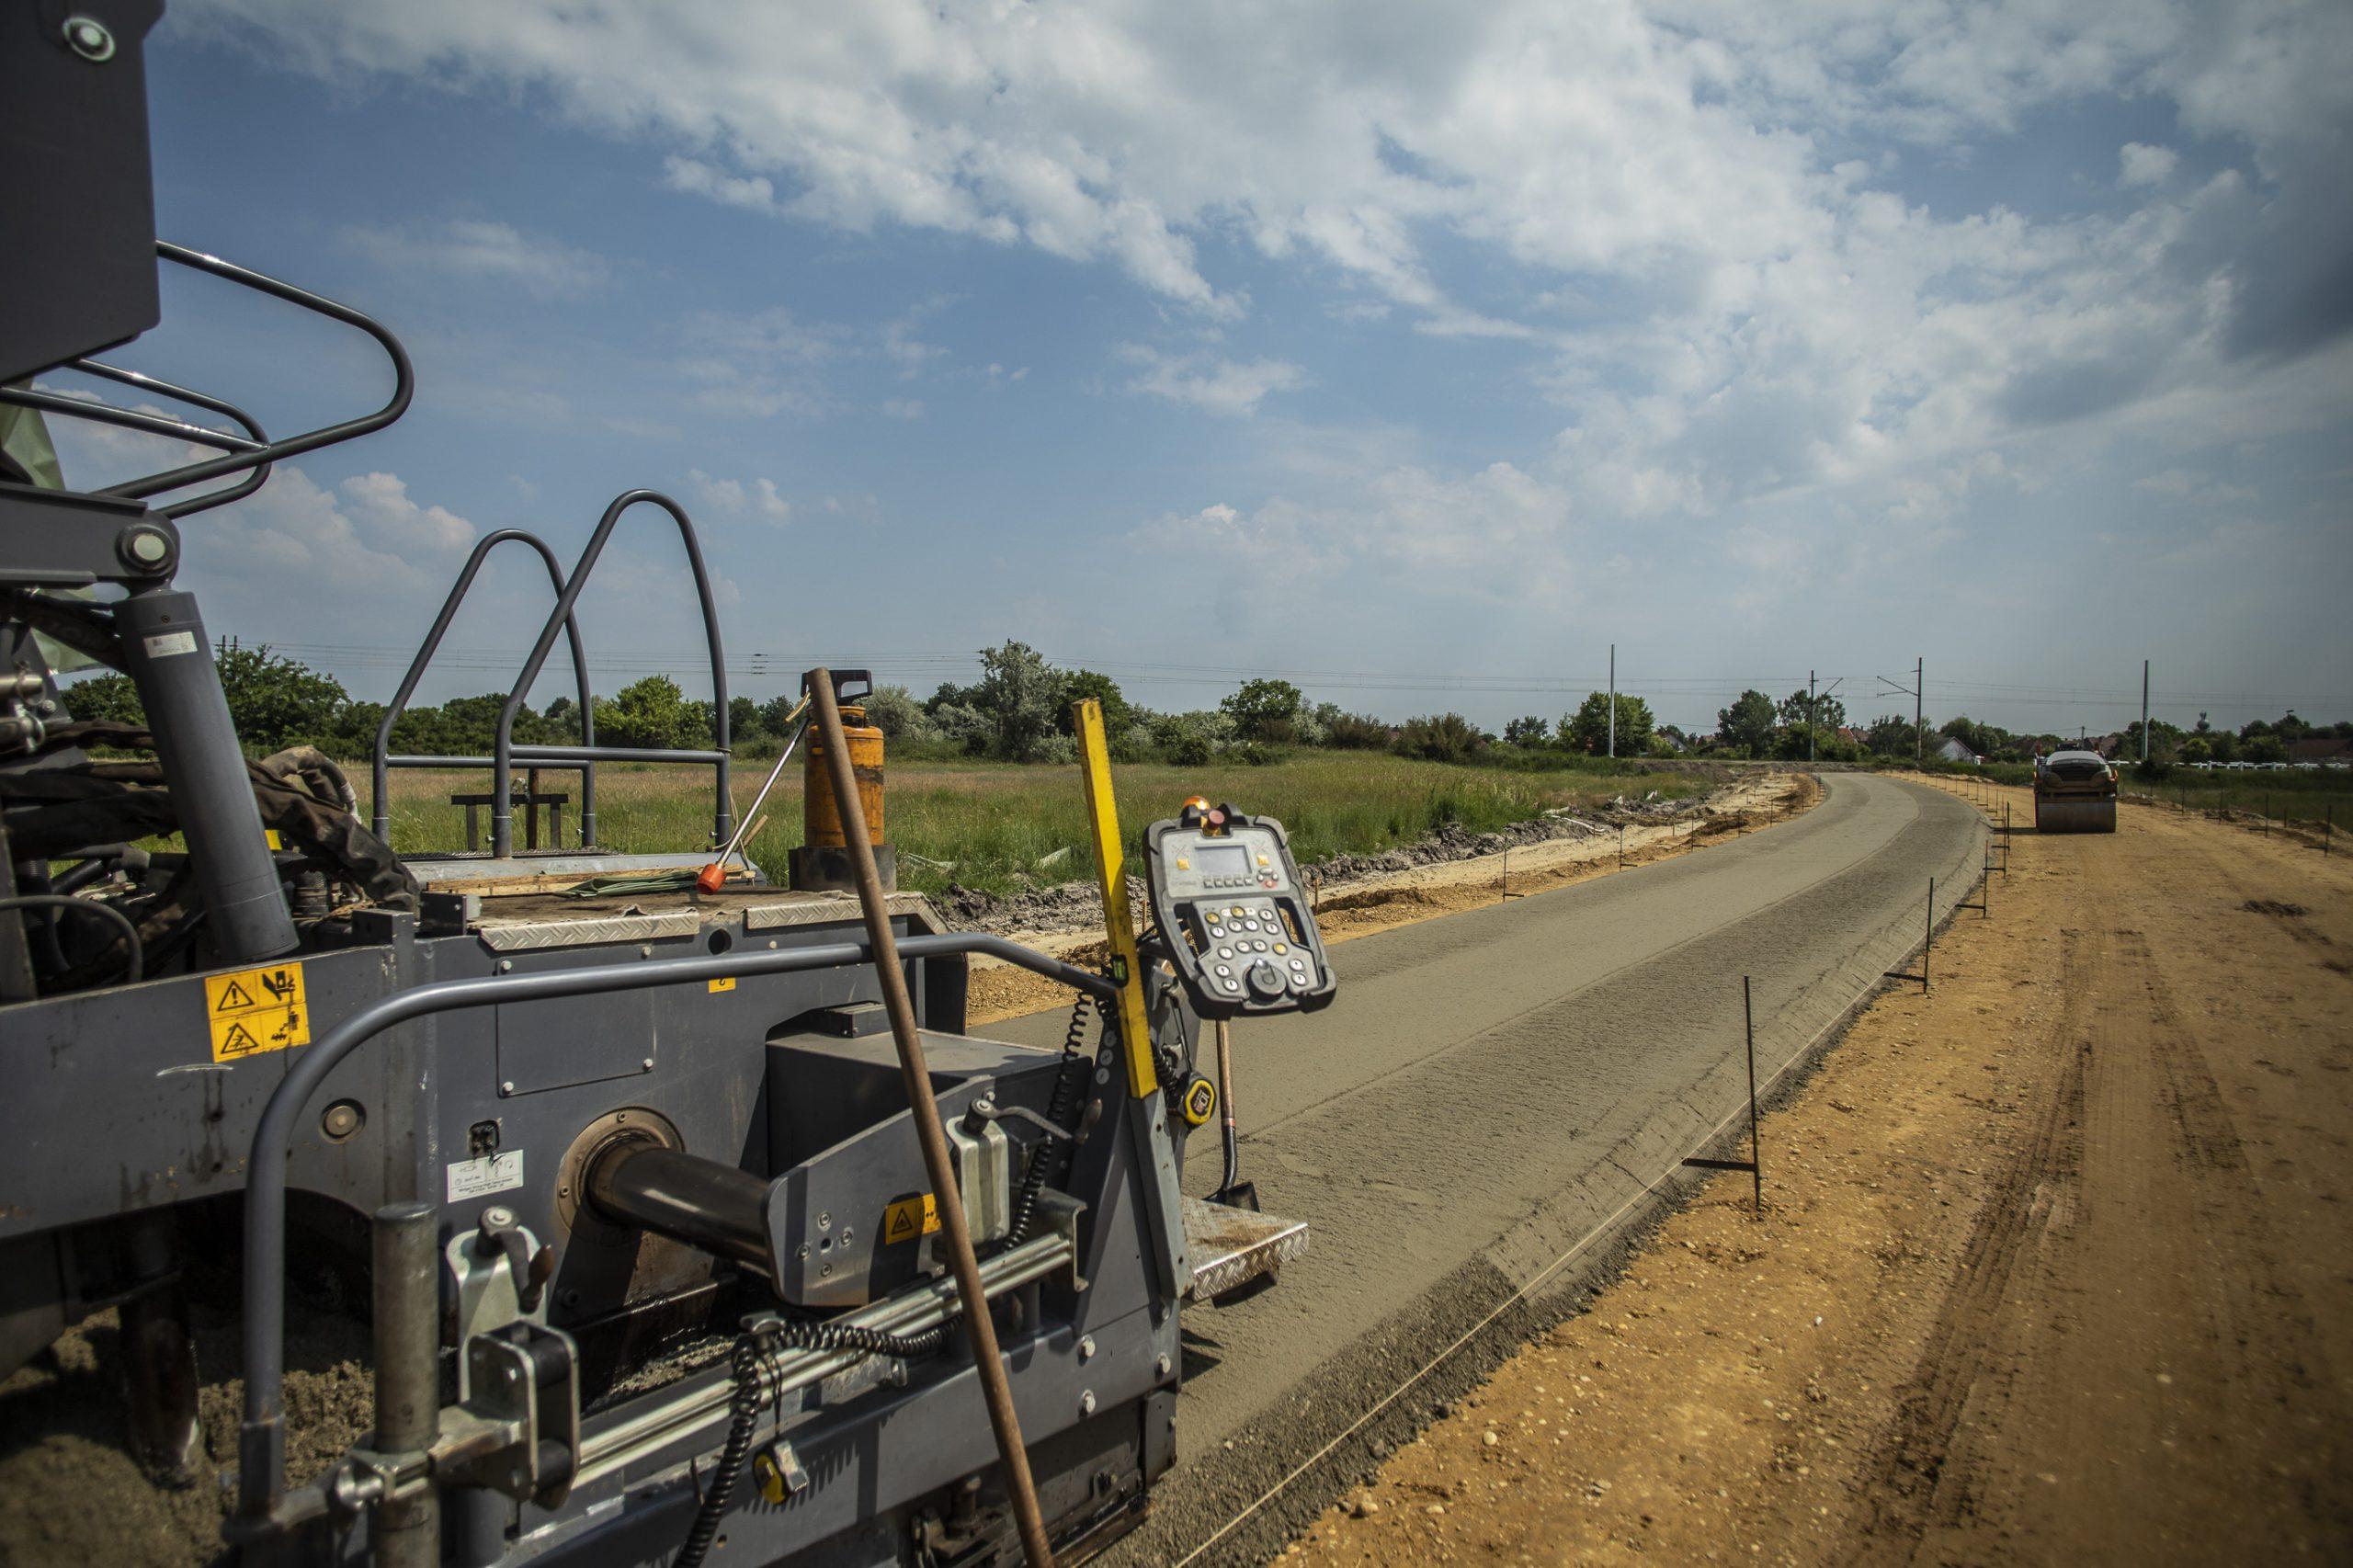 Az eddigieknél is nagyobb lendülettel folytatódik az országos közúthálózat korszerűsítése